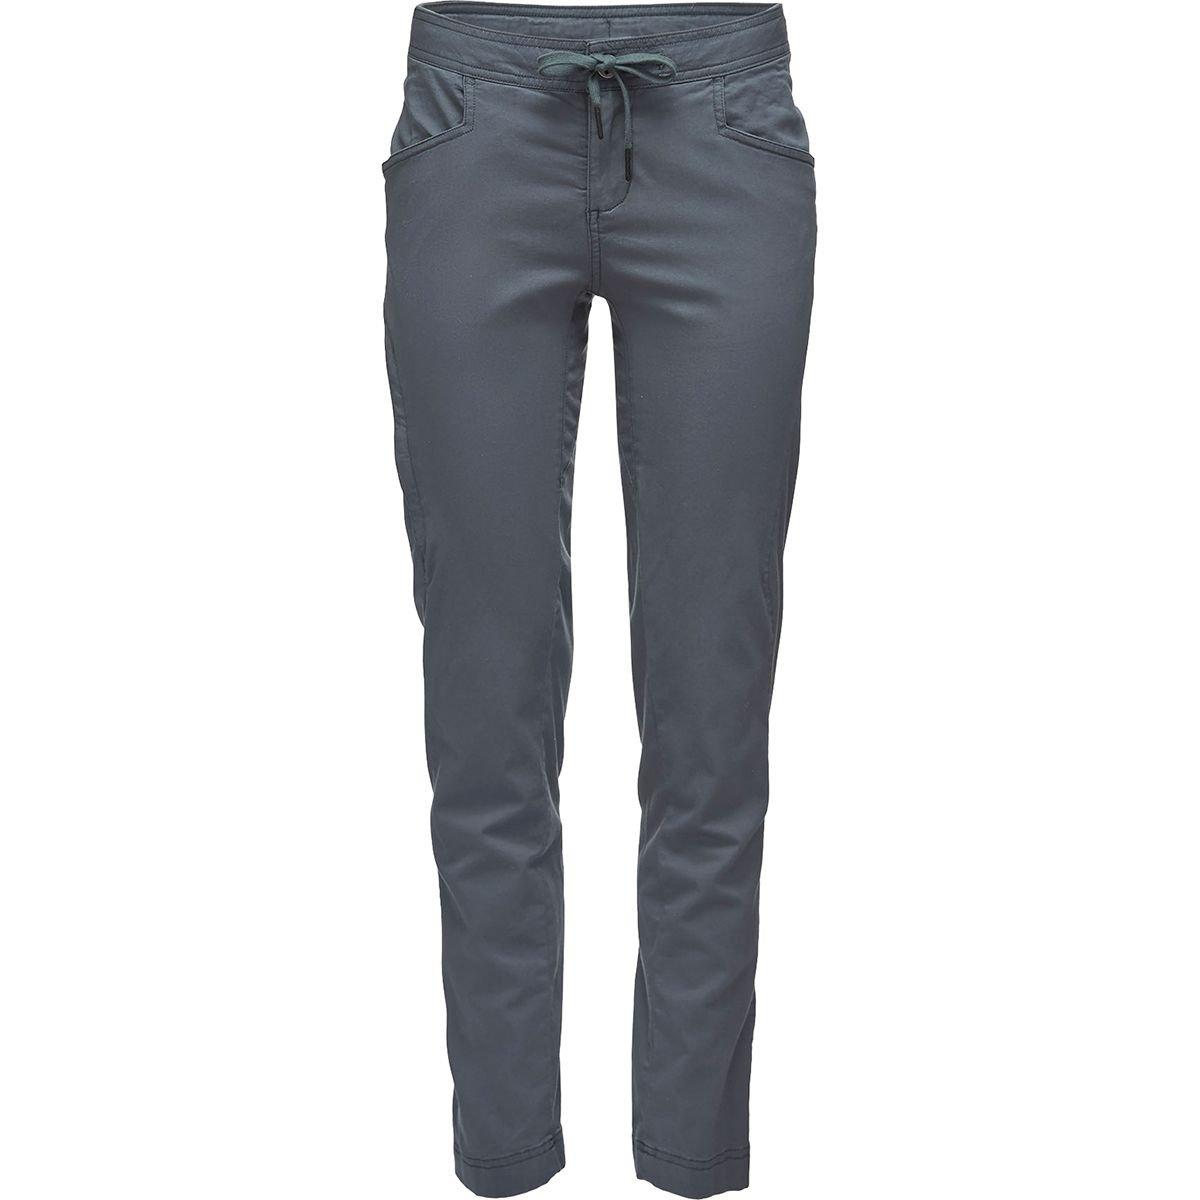 Turquoise L Pantalon Crougeo Pants - femme